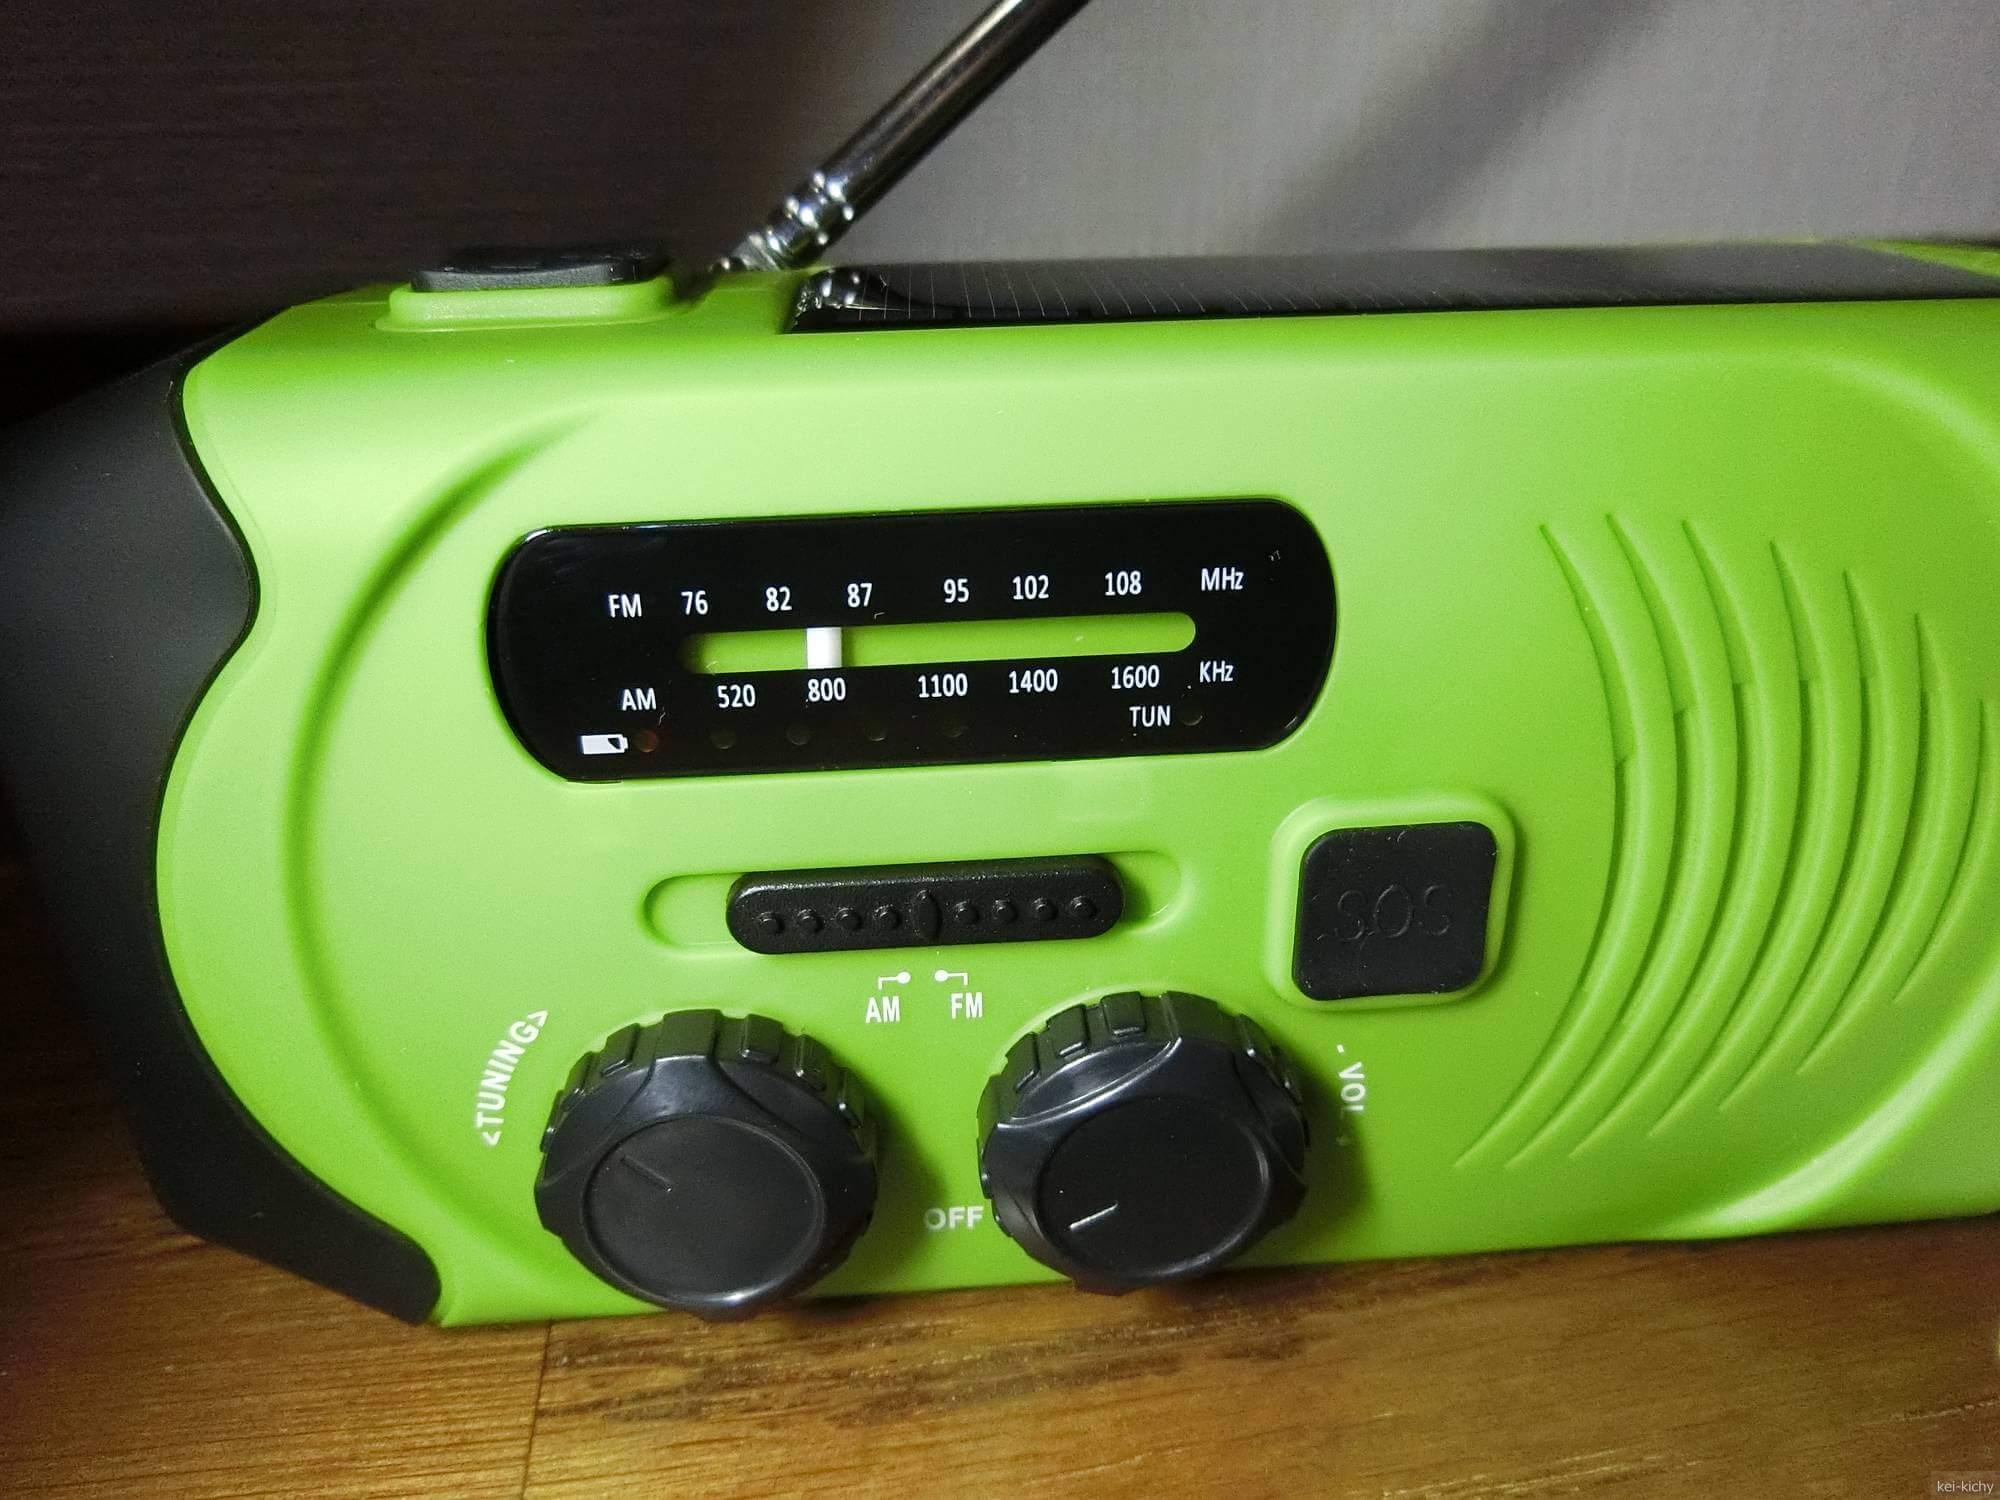 災害用ラジオをかってみた